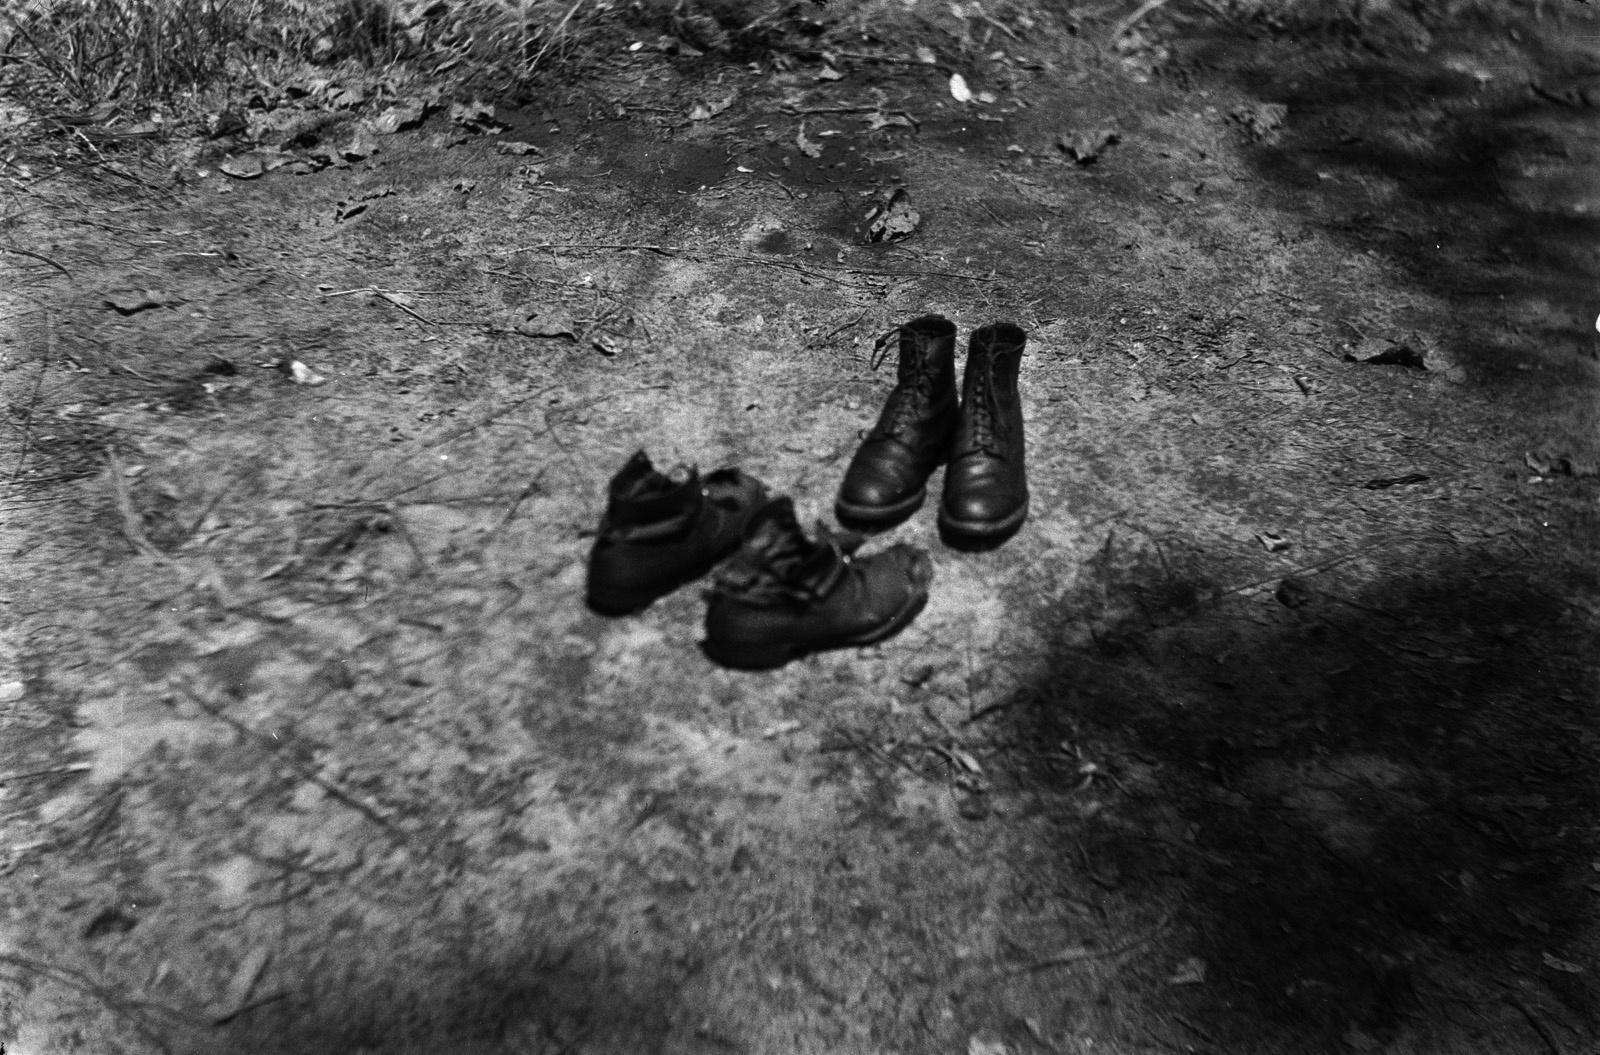 Между Капири Мпоши и рекой Лунсемфва. Две пары изношенных ботинок